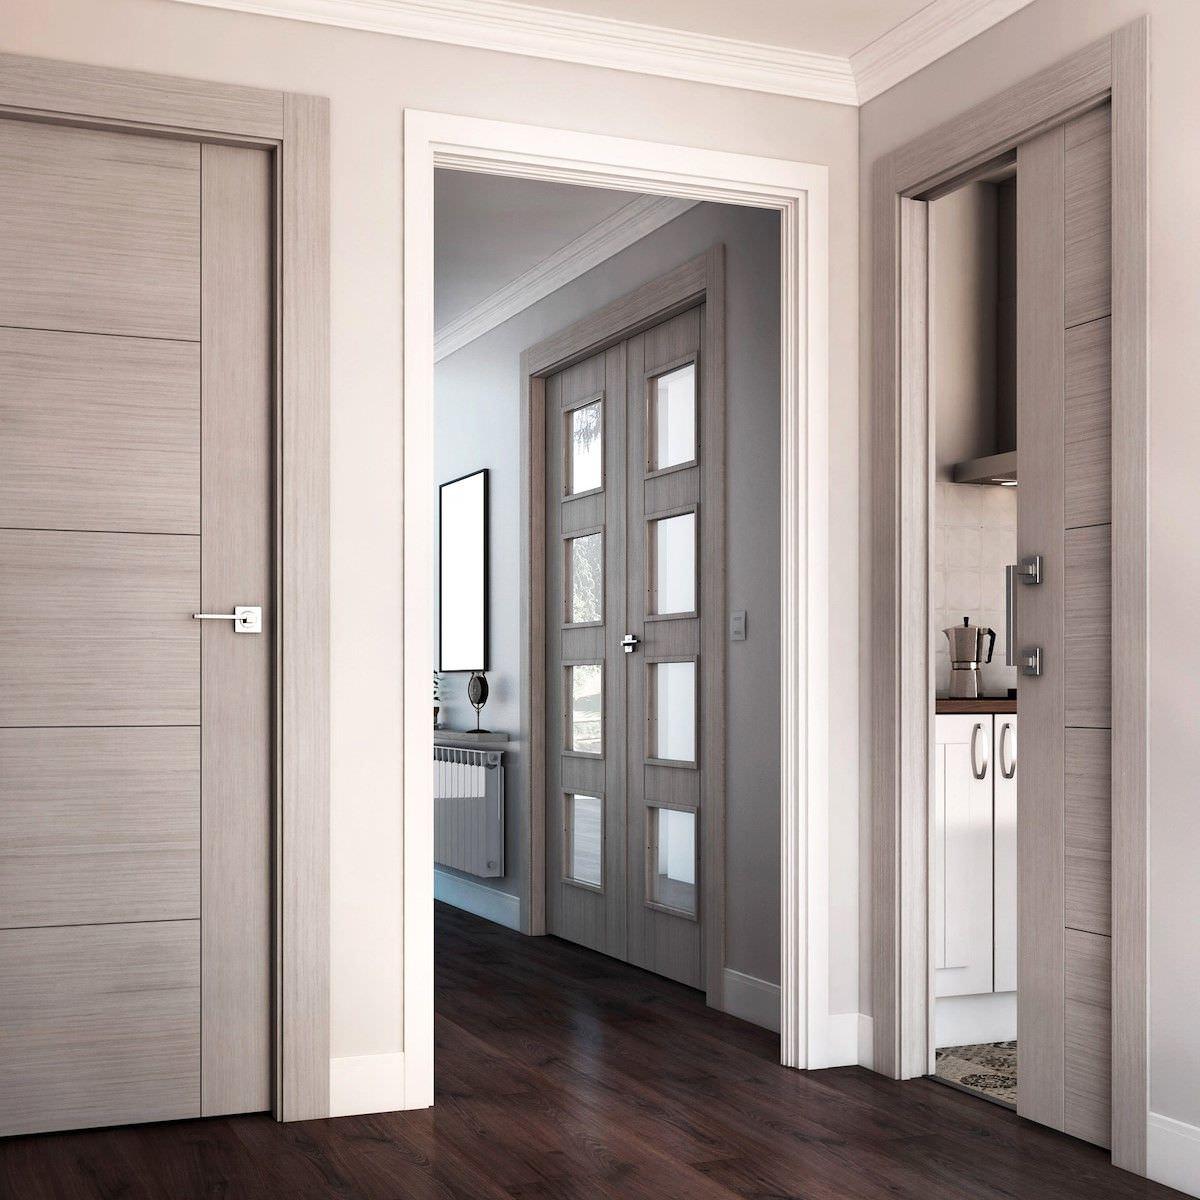 Căn phòng sẽ đón nhiều vận khí tốt hơn nếu biết cách tính kích thước cửa phòng ngủ đúng phong thuỷ